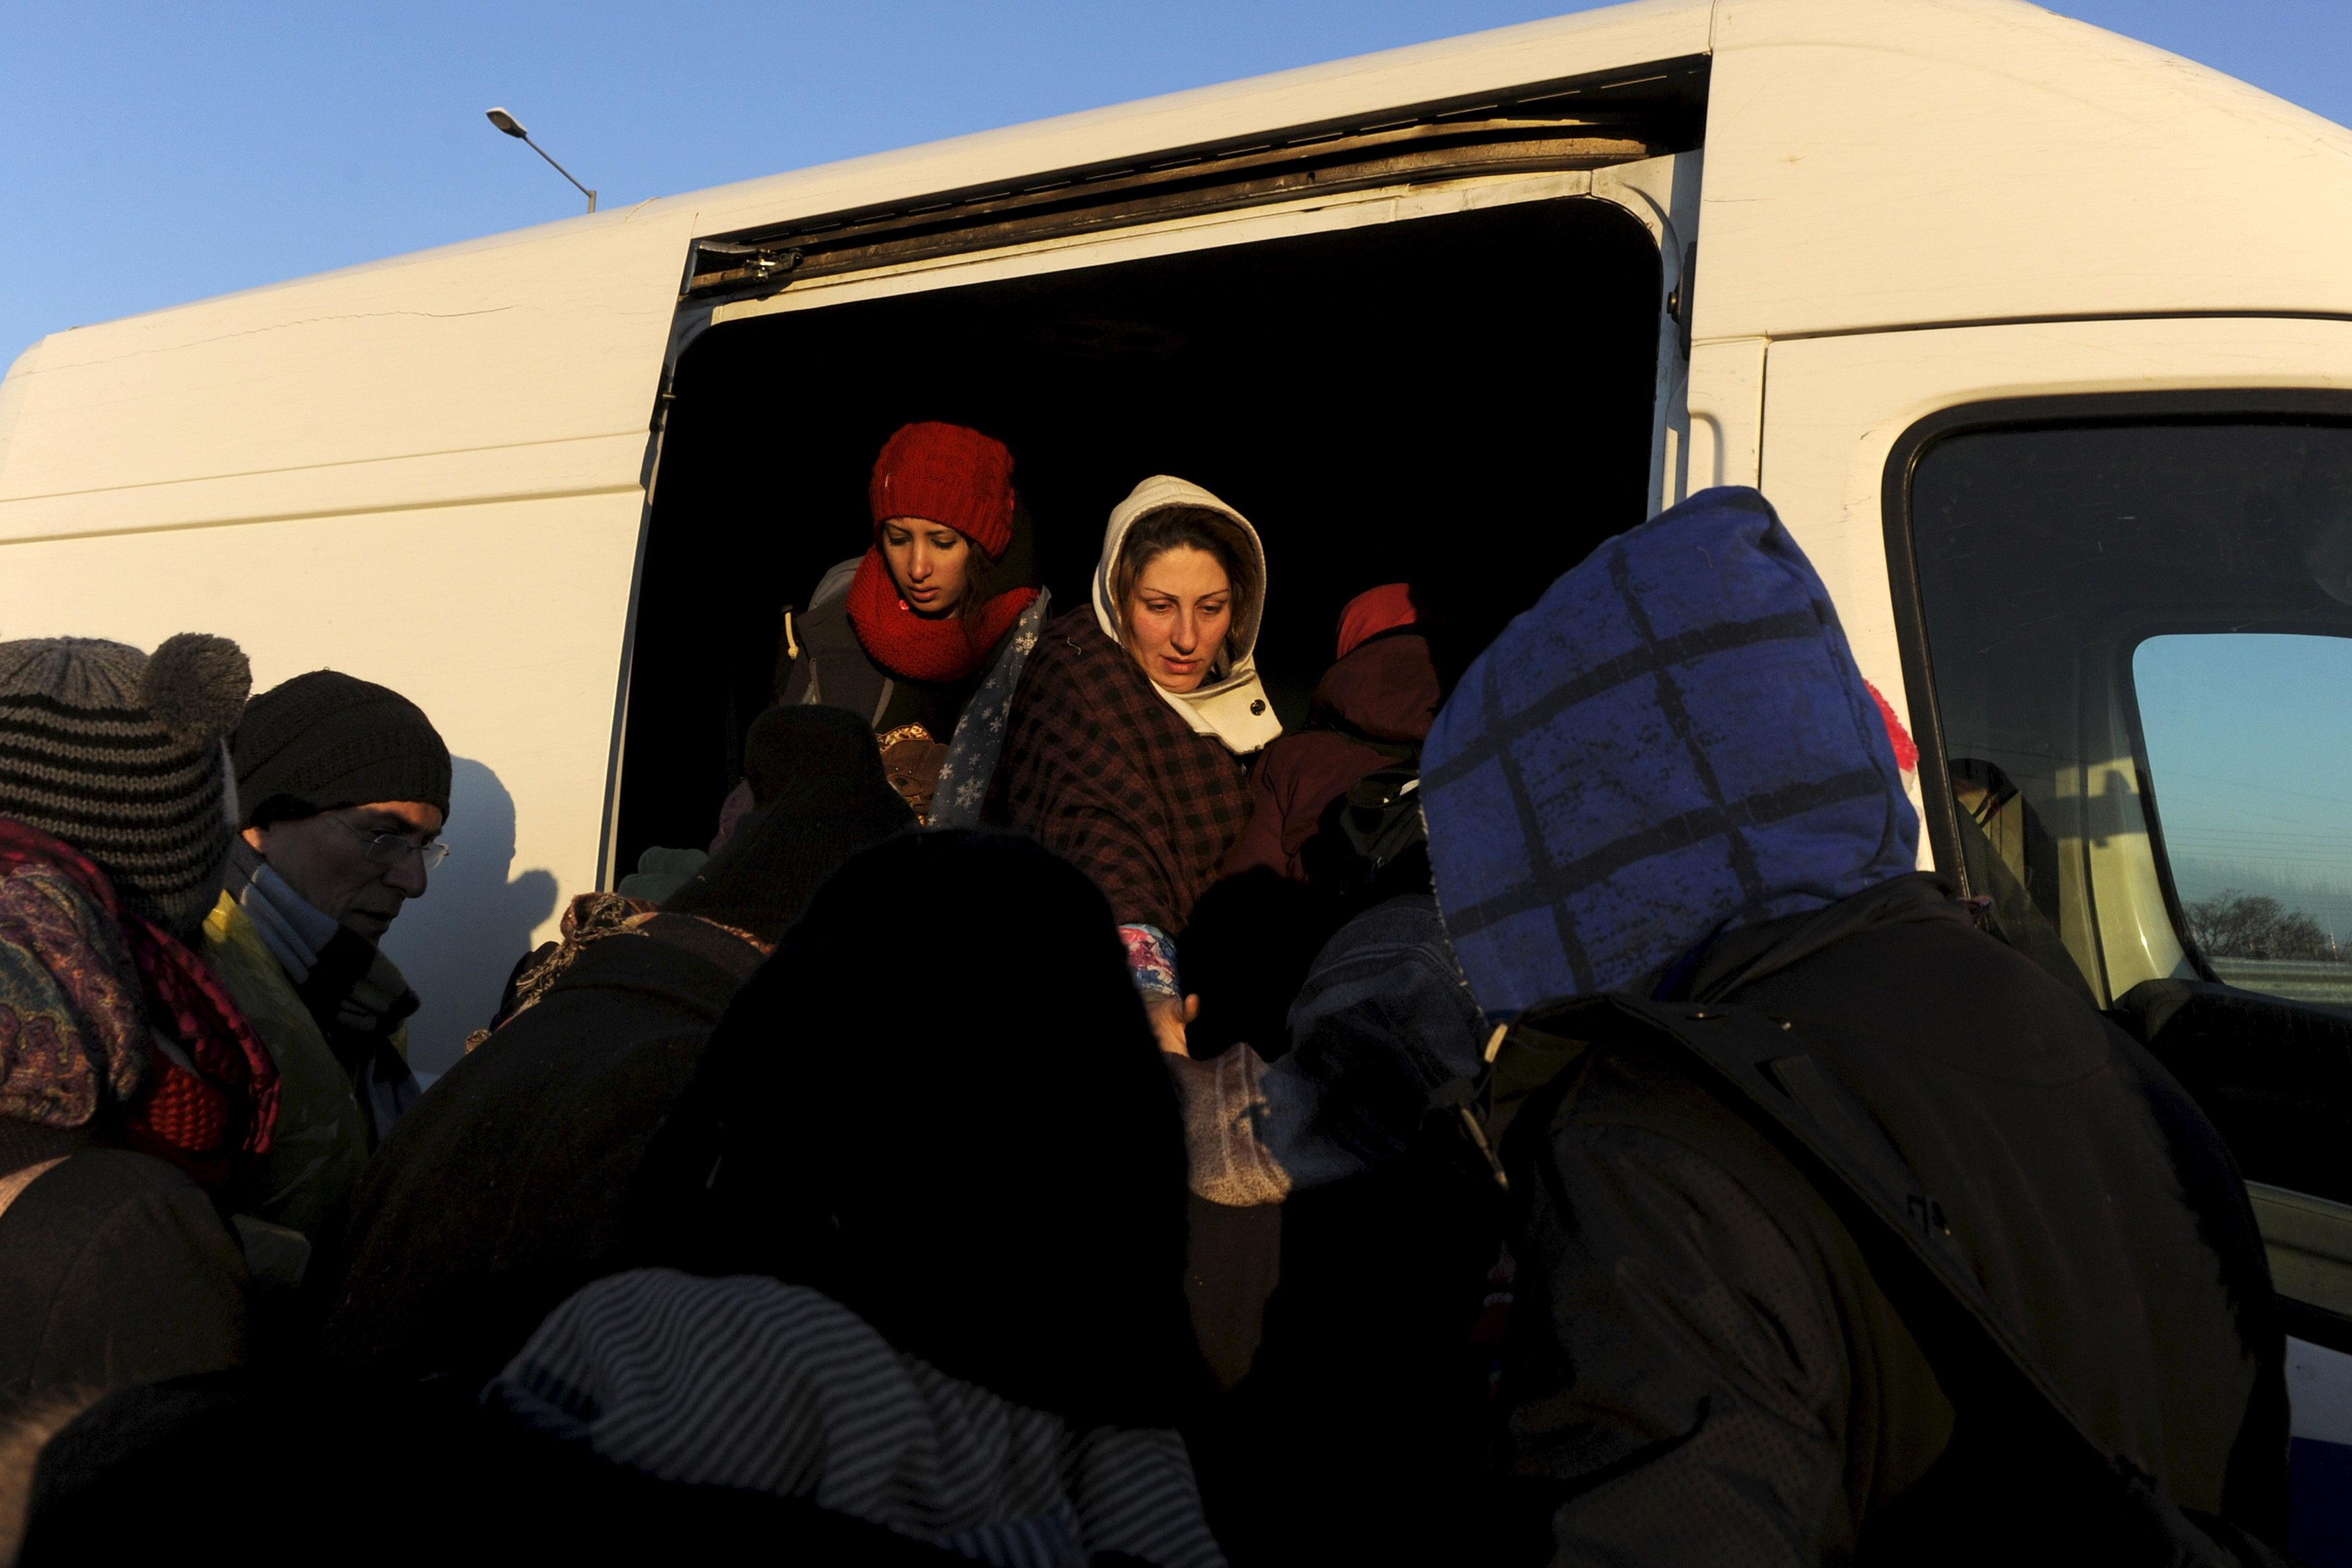 Σύλληψη 24χρονου αλλοδαπού στον Έβρο που μετέφερε με φορτηγό 21